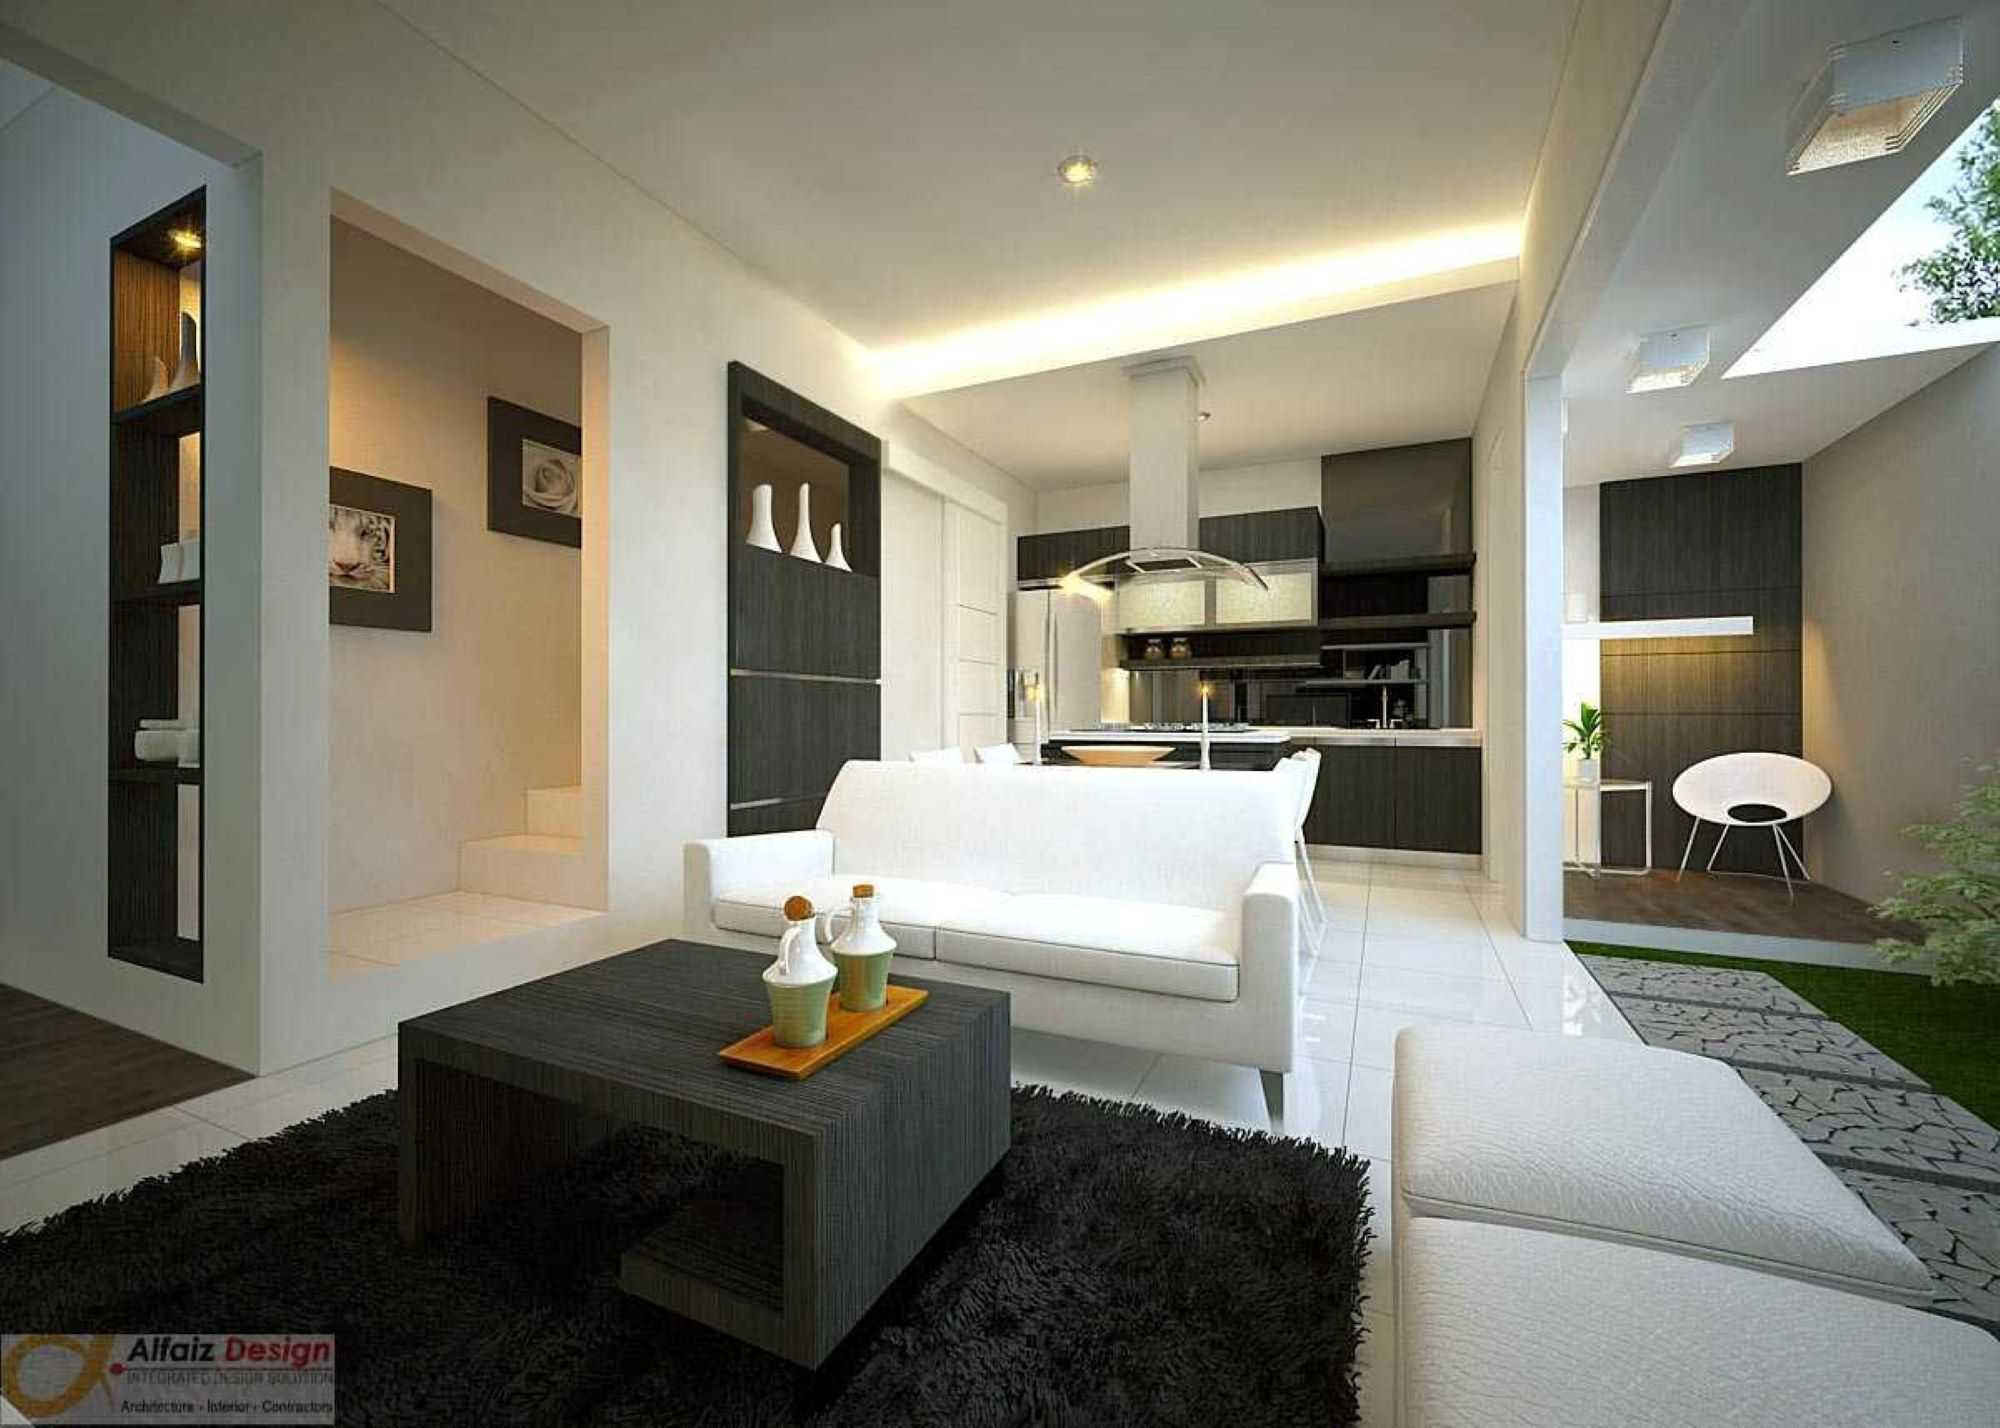 Alfaiz Design Sandhika Residence Bekasi, Tambelang, Bekasi, Jawa Barat, Indonesia Bekasi, Tambelang, Bekasi, Jawa Barat, Indonesia Alfaiz-Design-Sandhika-Residence  102774